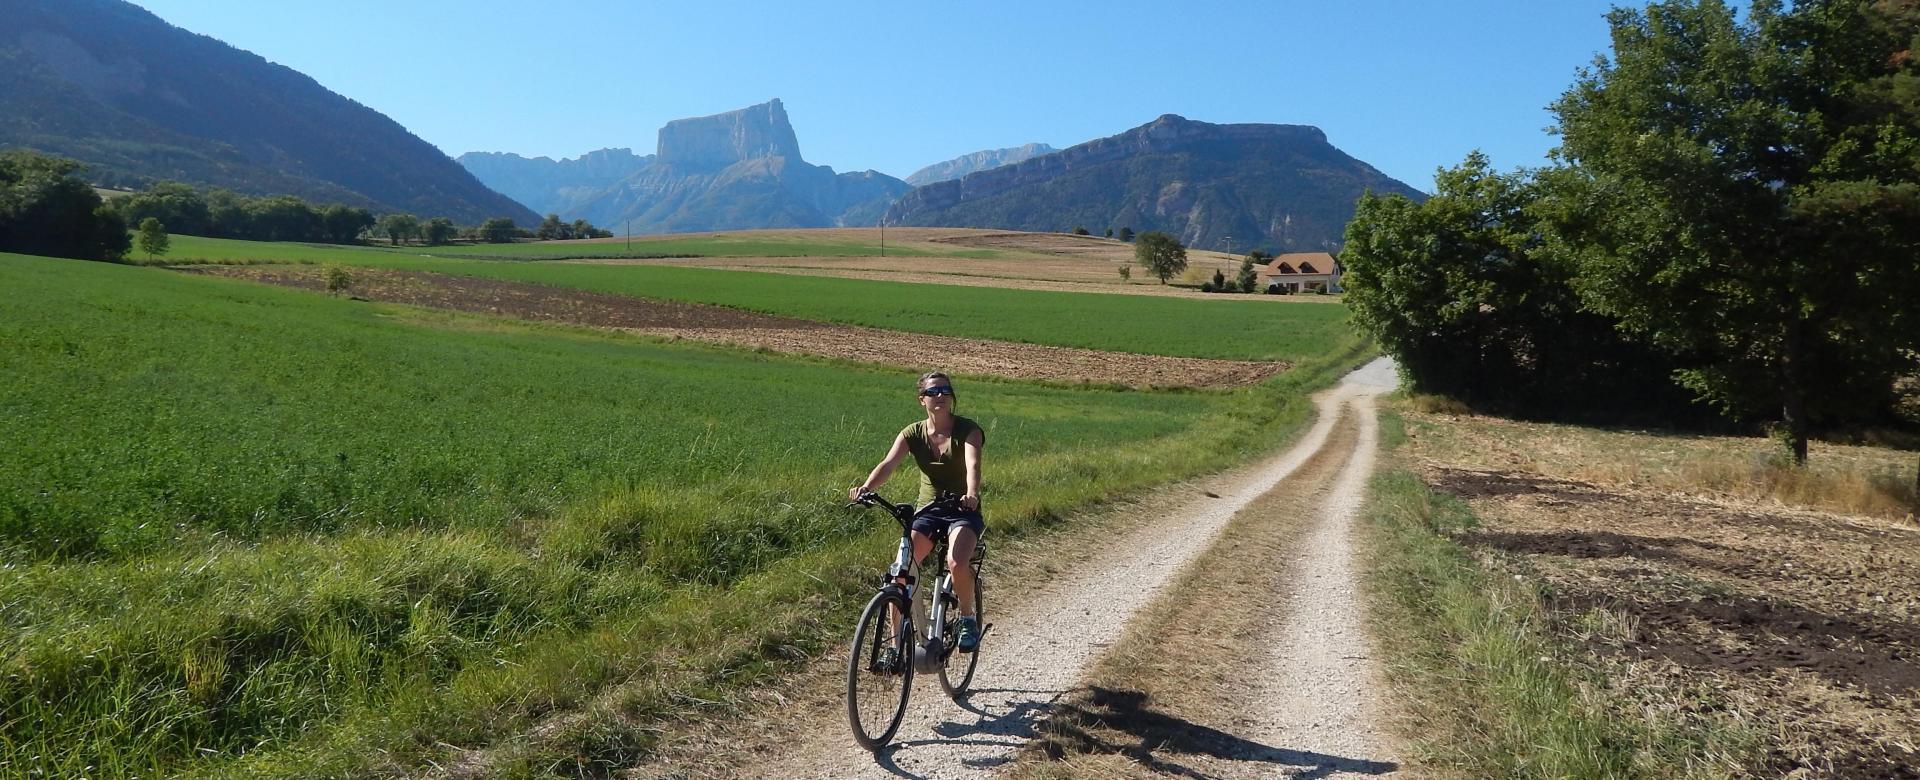 Voyage en véhicule : Vercors, trièves et lac du monteynard à vélo